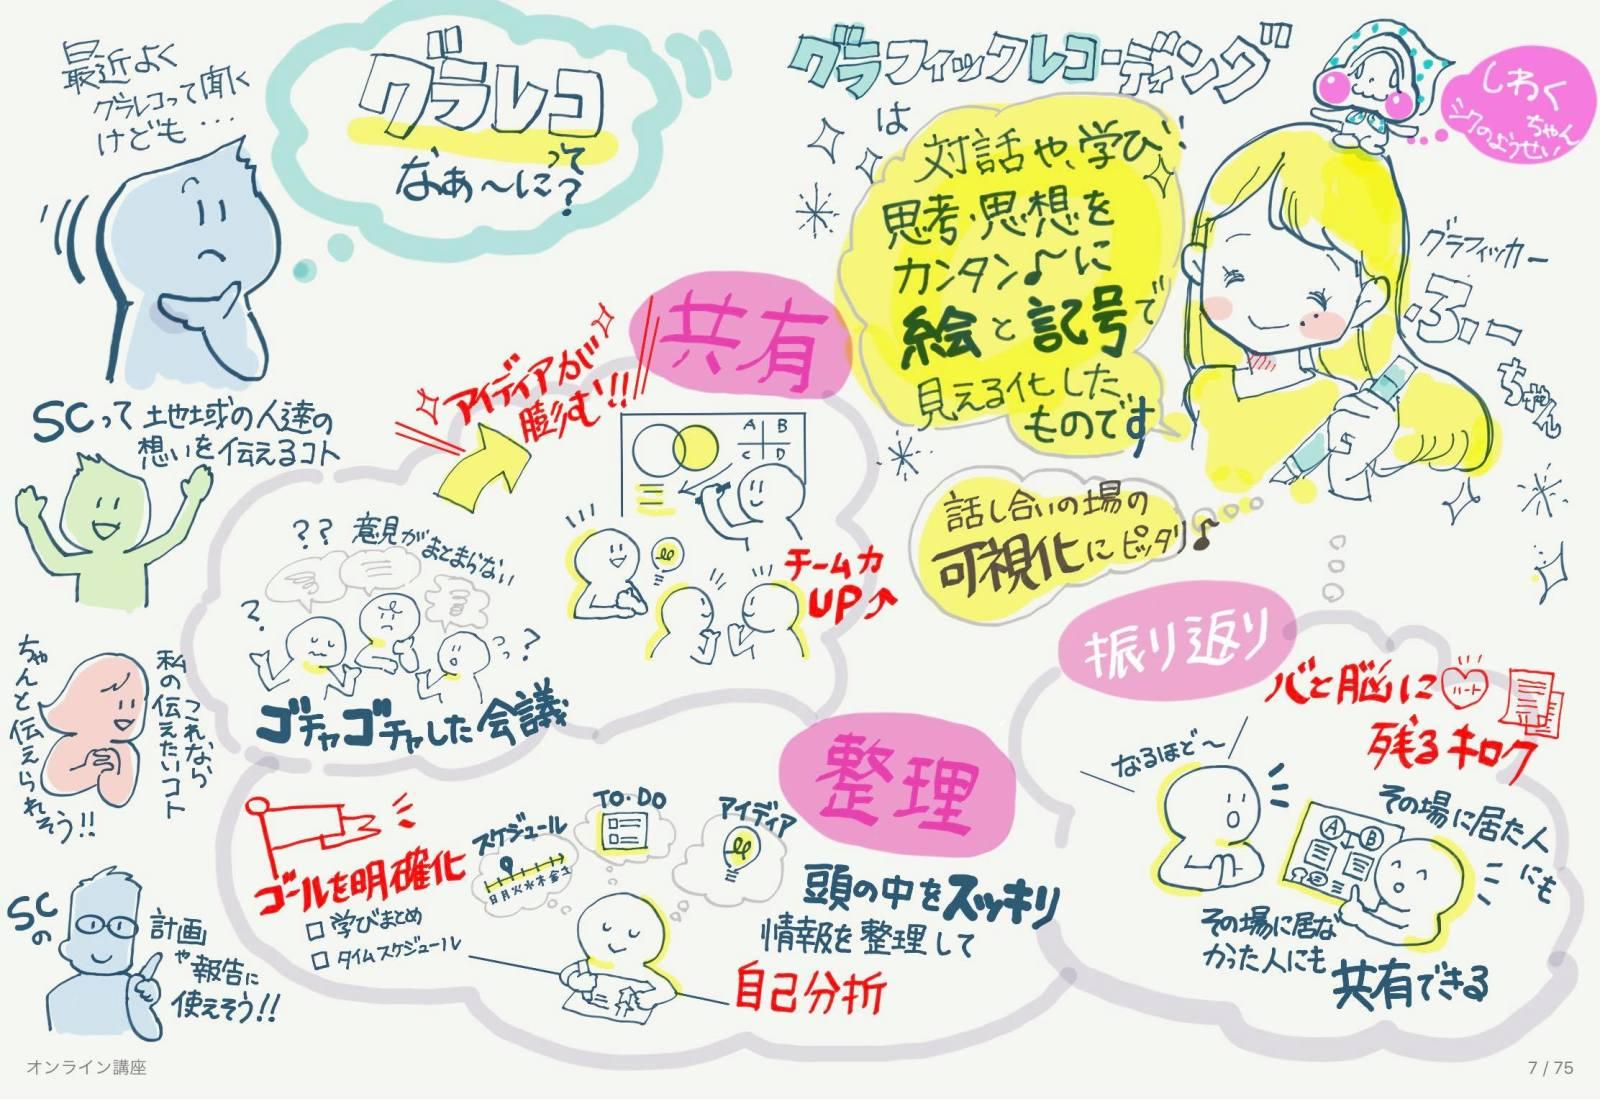 実際に山﨑さんが描いたグラレコ